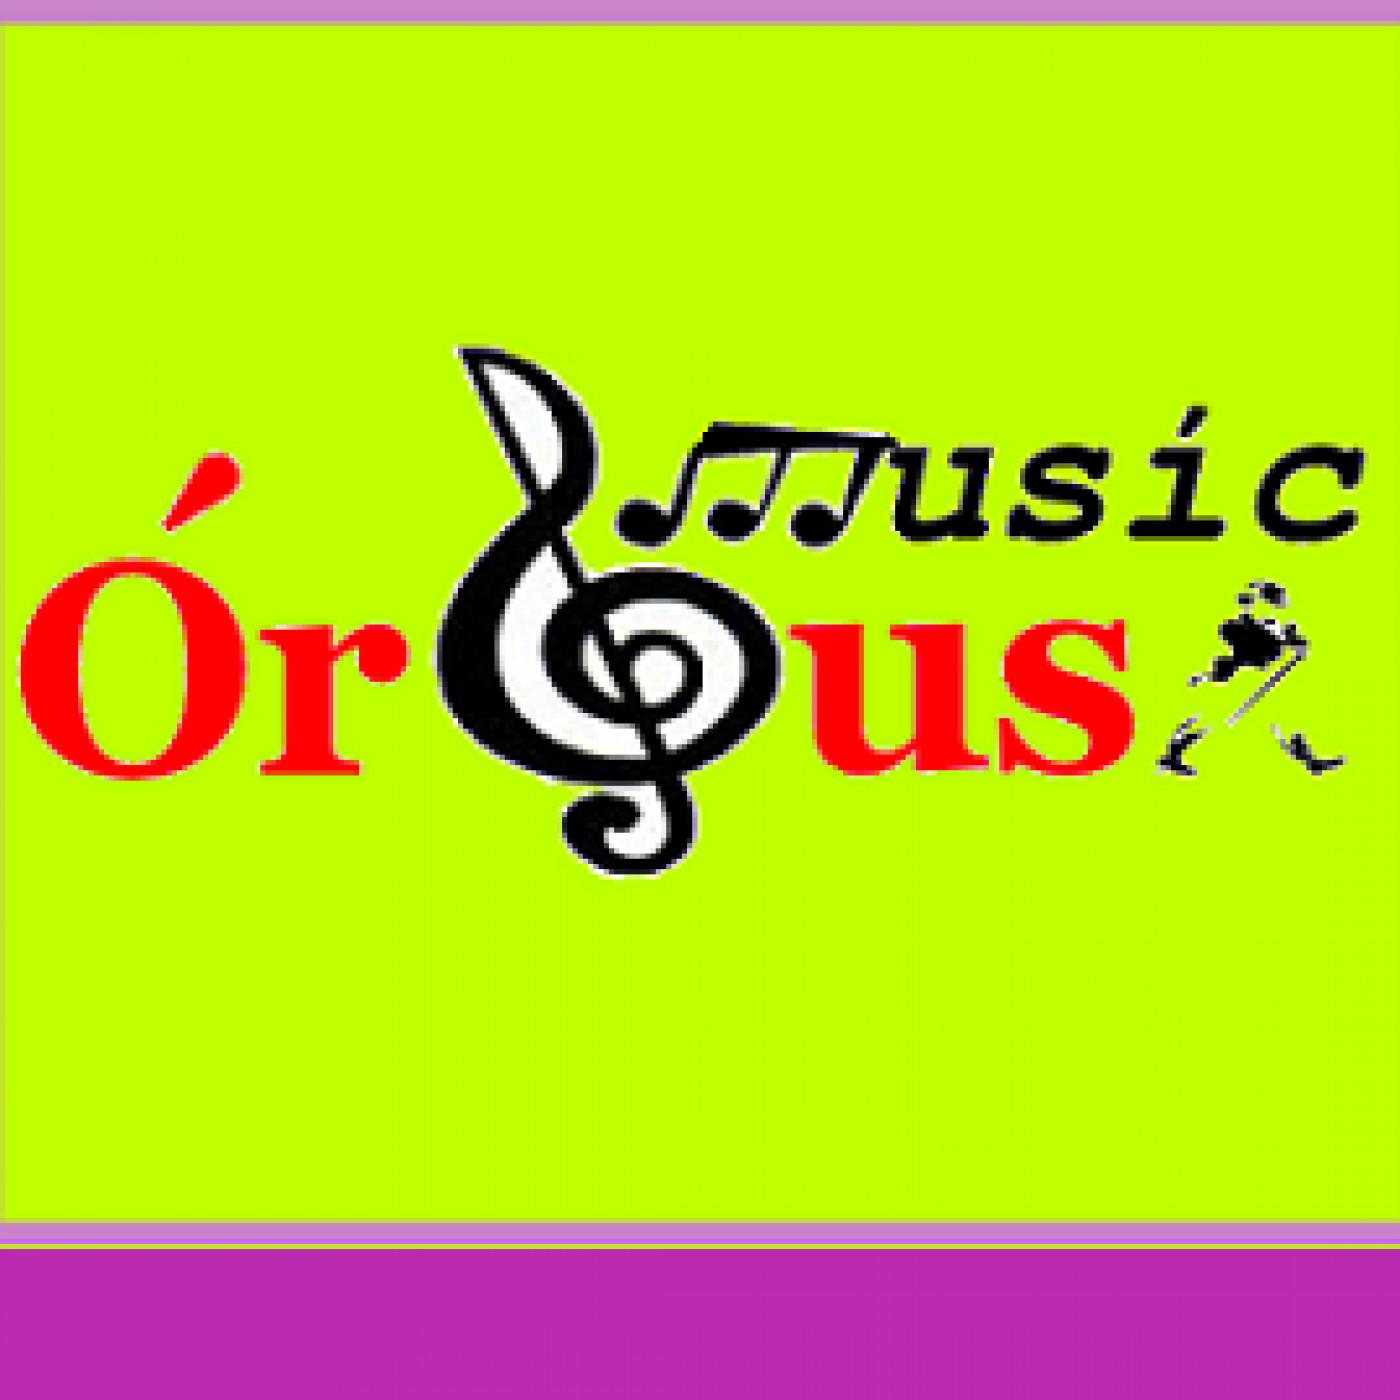 music Orbus